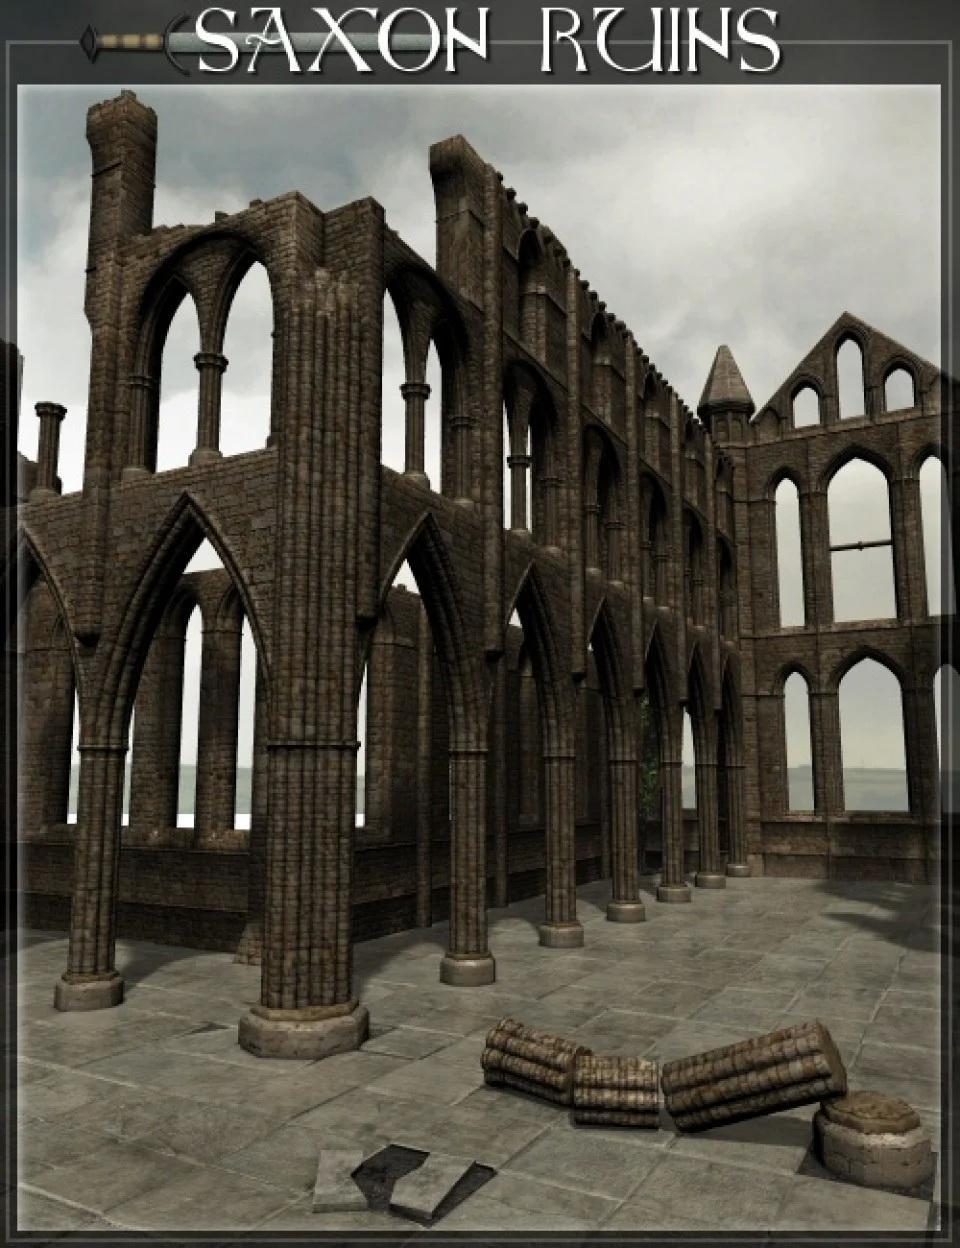 Saxon Ruins